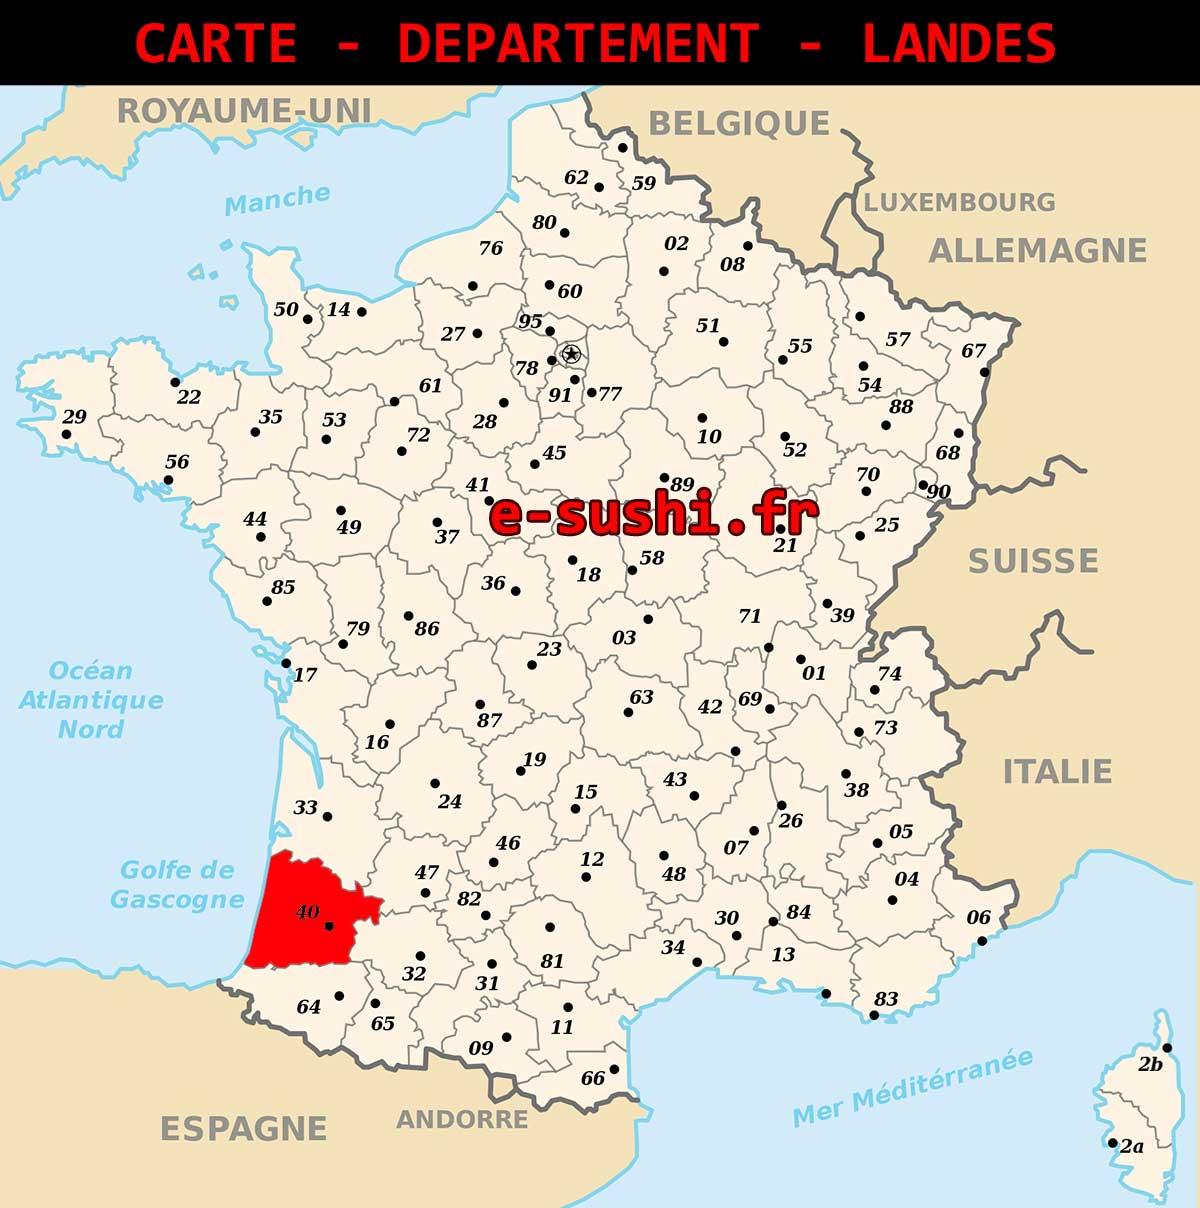 Carte - Département Landes - Arts Et Voyages concernant Département 13 Carte